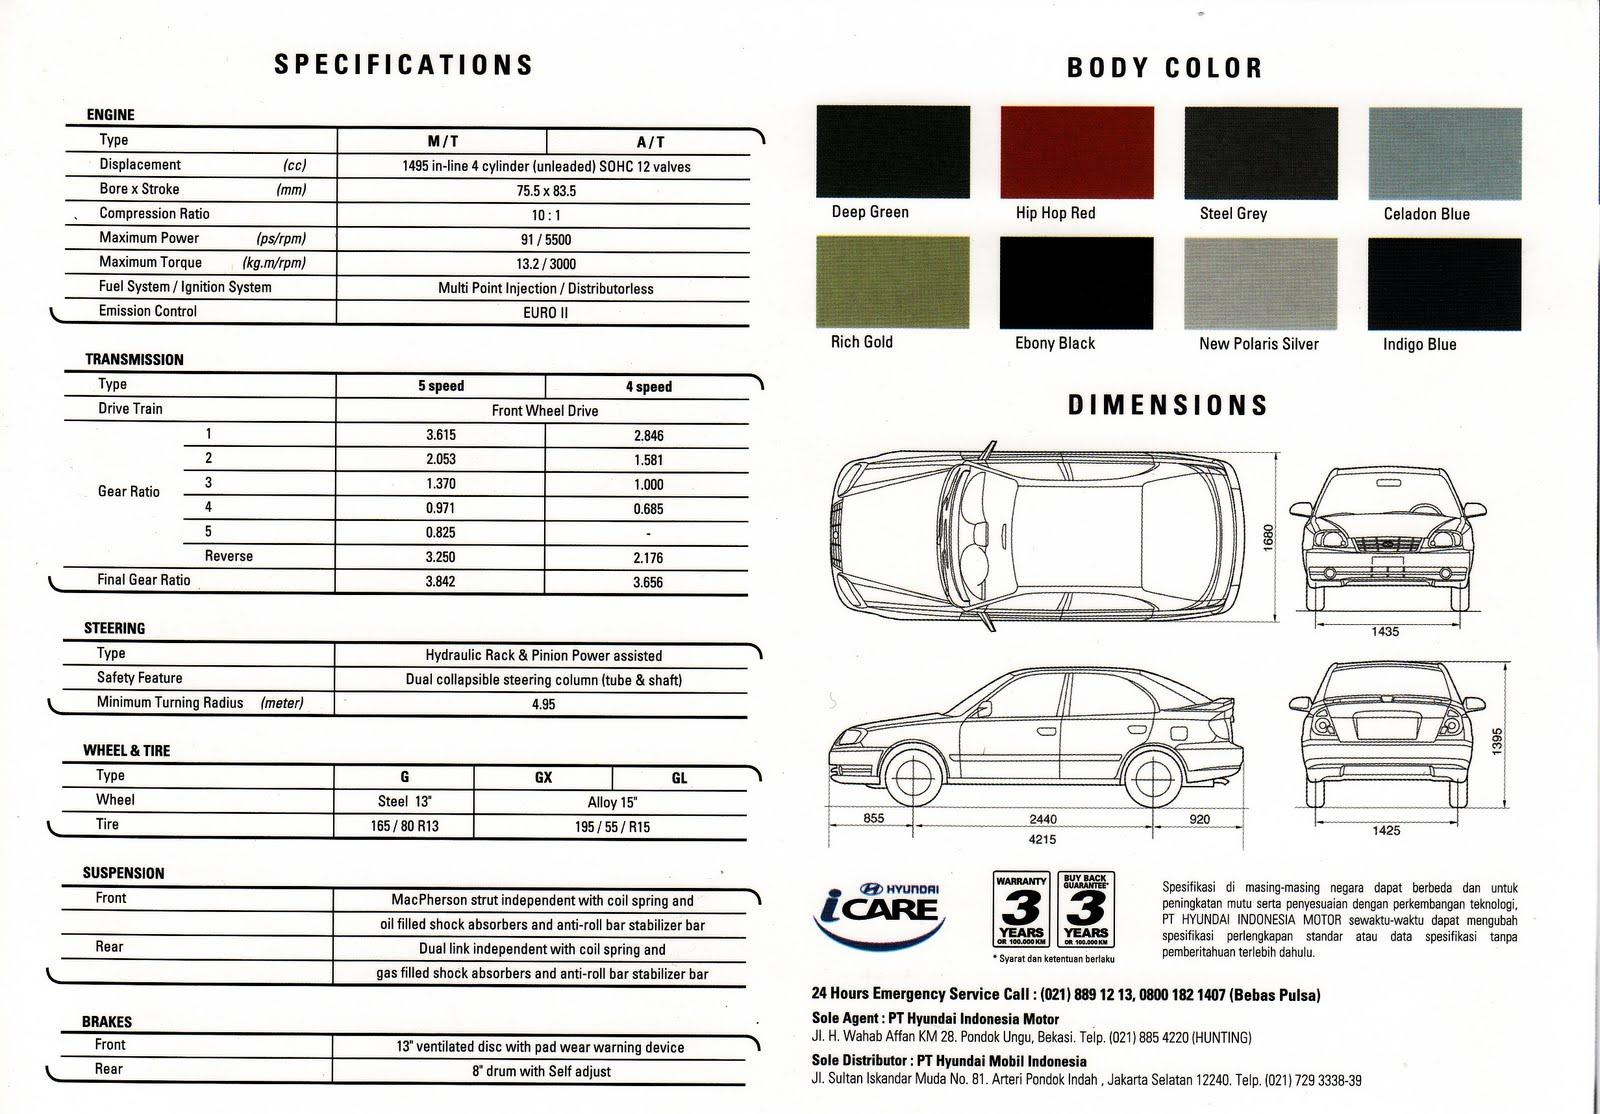 Hyundai Arteri Pondok Indah: Hyundai AVEGA GX